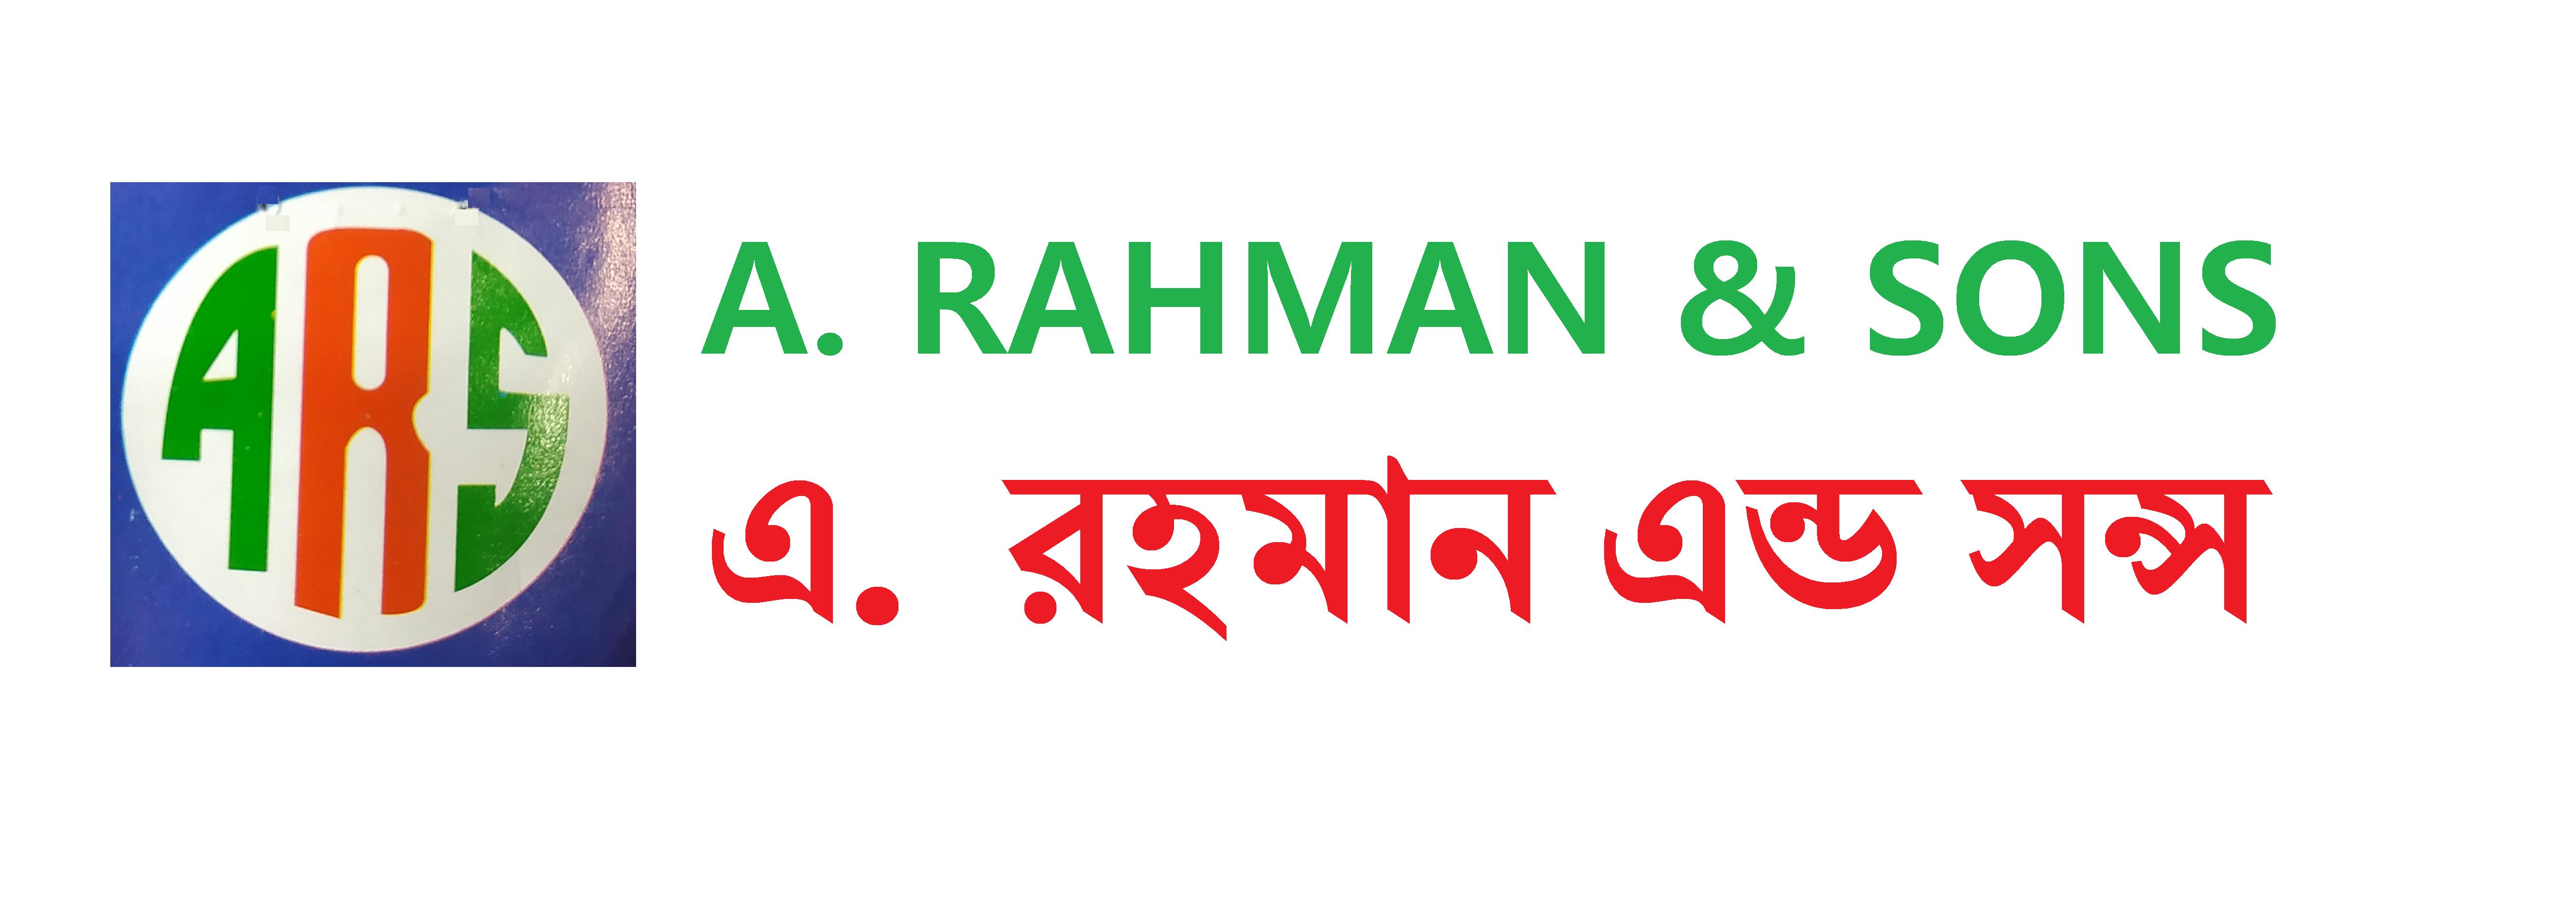 A. RAHMAN & SONS